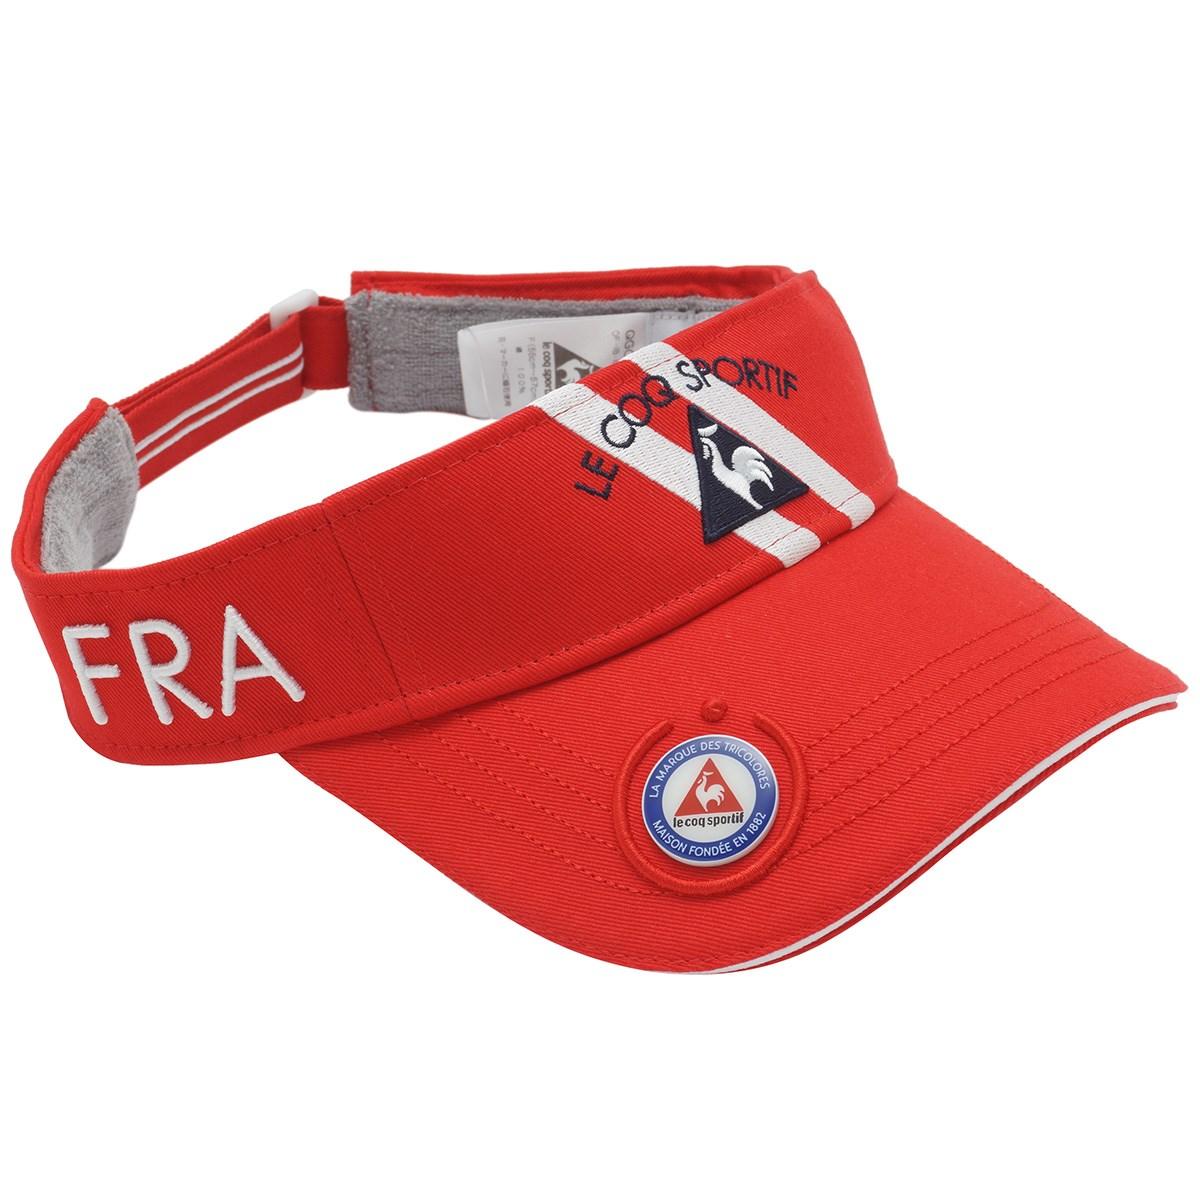 ルコックゴルフ Le coq sportif GOLF コットンツイルマーカー付きサンバイザー フリー レッド 00 レディス